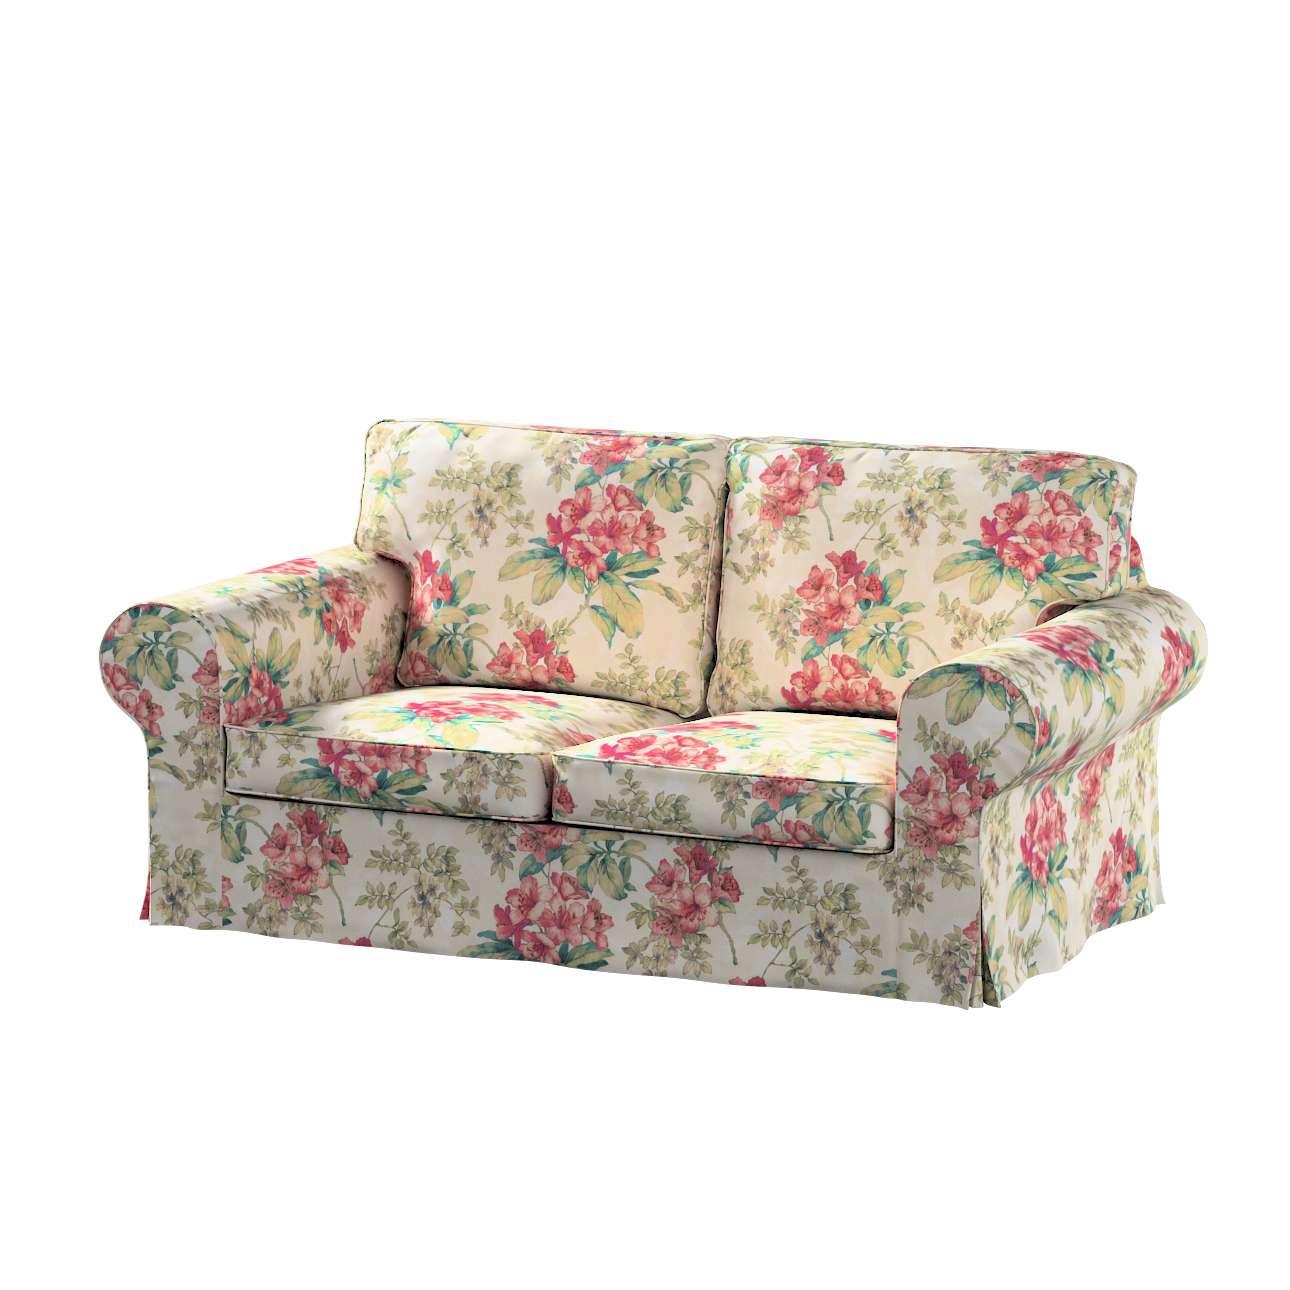 Pokrowiec na sofę Ektorp 2-osobową, rozkładaną, model do 2012 w kolekcji Londres, tkanina: 143-40